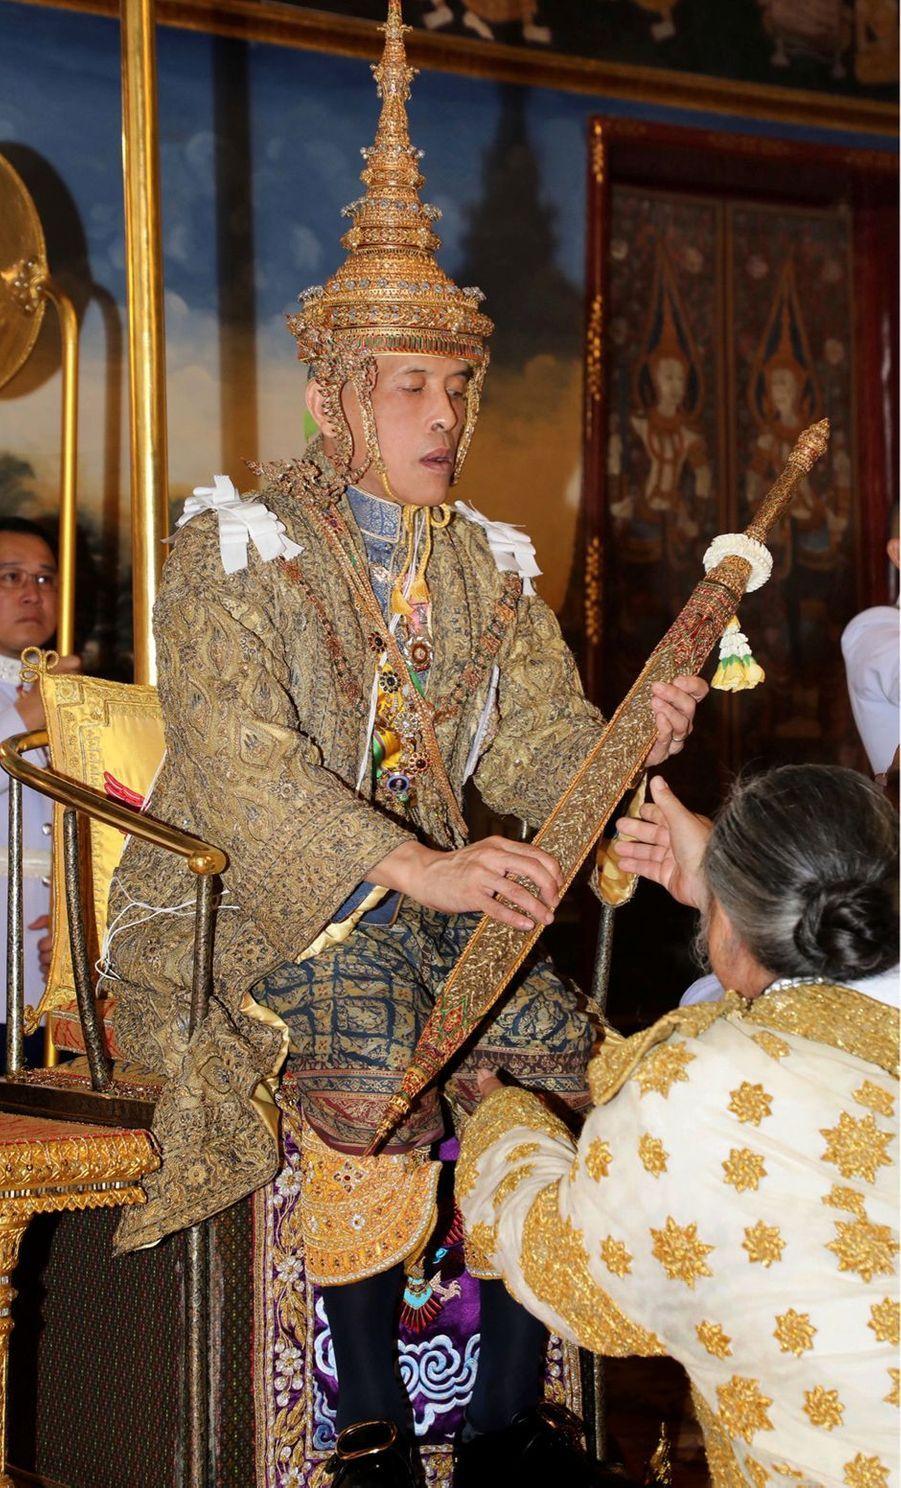 Le roi de Thaïlande Maha Vajiralongkorn (Rama X) à Bangkok, le 4 mai 2019 jour de son couronnement